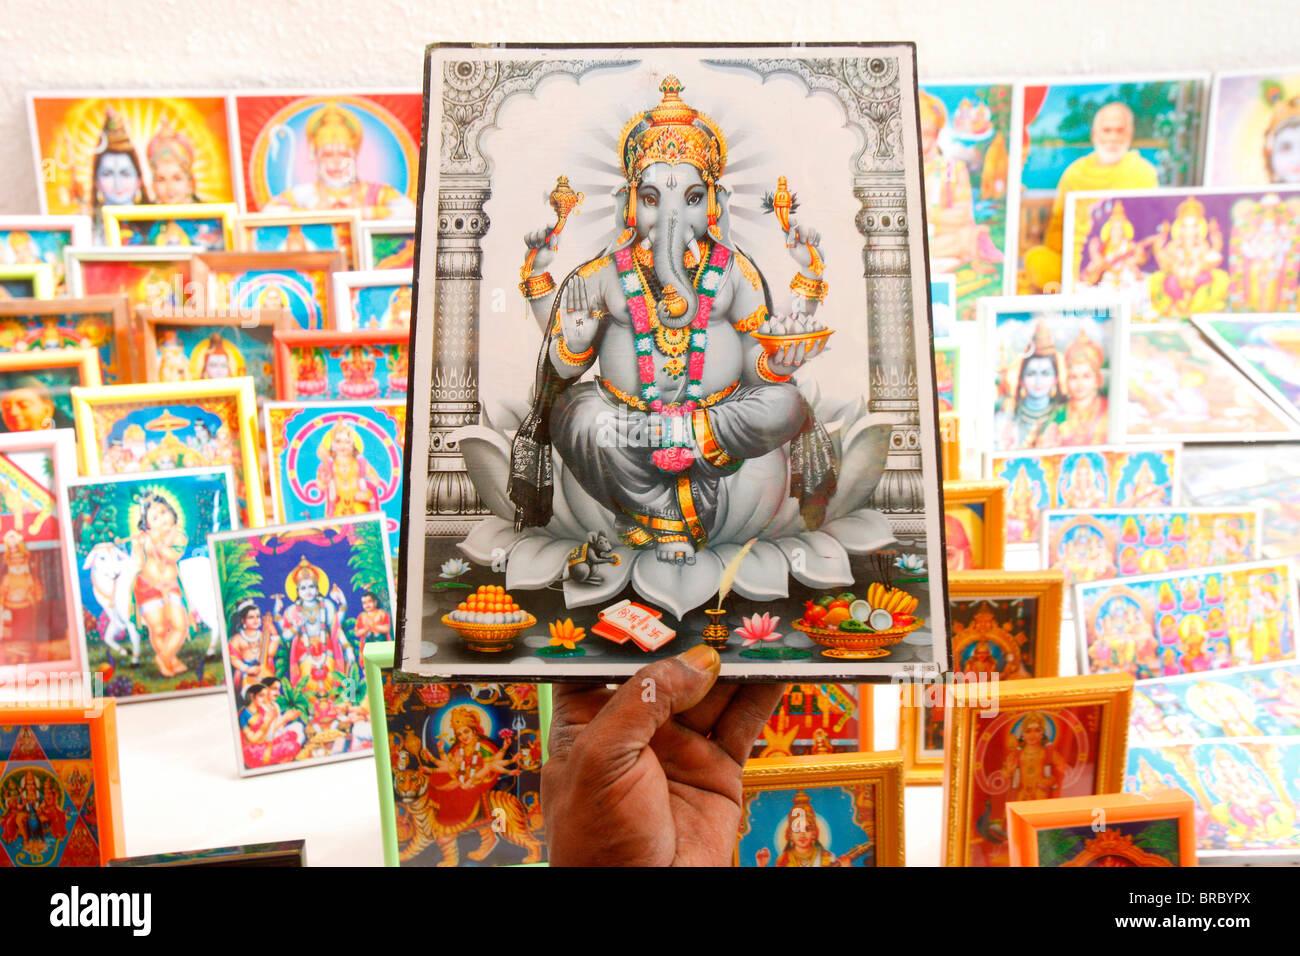 Ganesh Bilder, Dubai, Vereinigte Arabische Emirate Stockbild